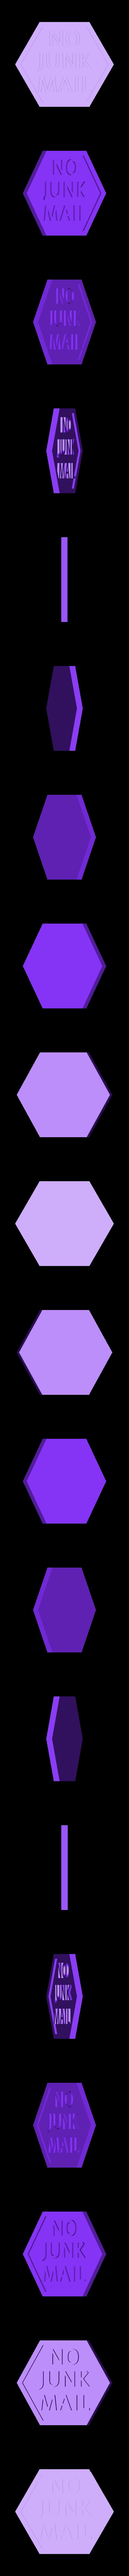 nojunkmail_stop.stl Télécharger fichier STL gratuit Pas de pourriel - Panneau d'arrêt • Design pour imprimante 3D, 3DME